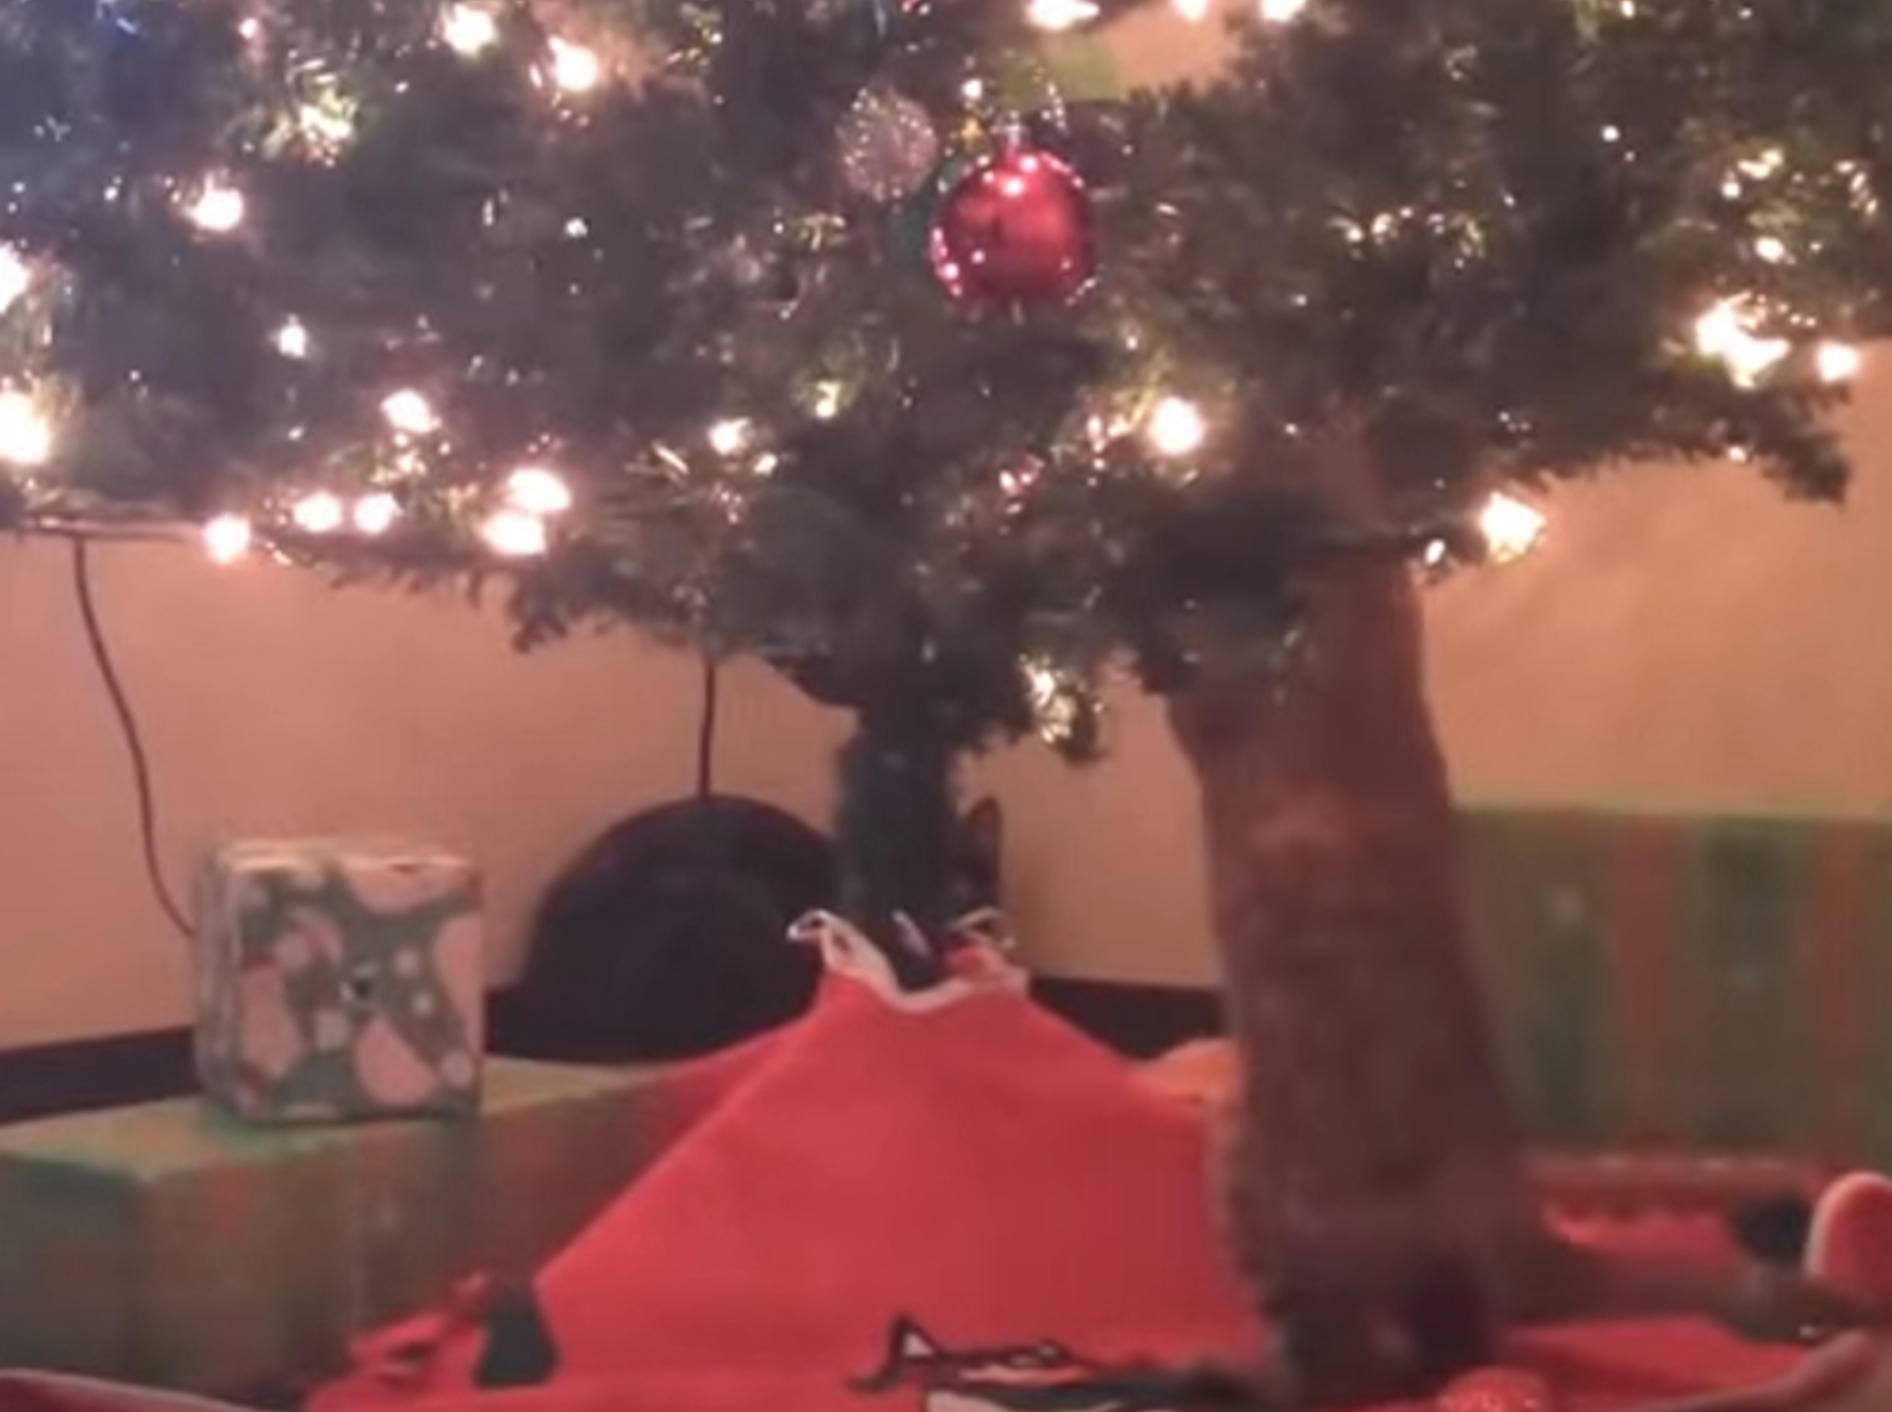 Oh, ein Weihnachtsbaum... krach! Katzen toben sich aus – Bild: YouTube / The Dodo